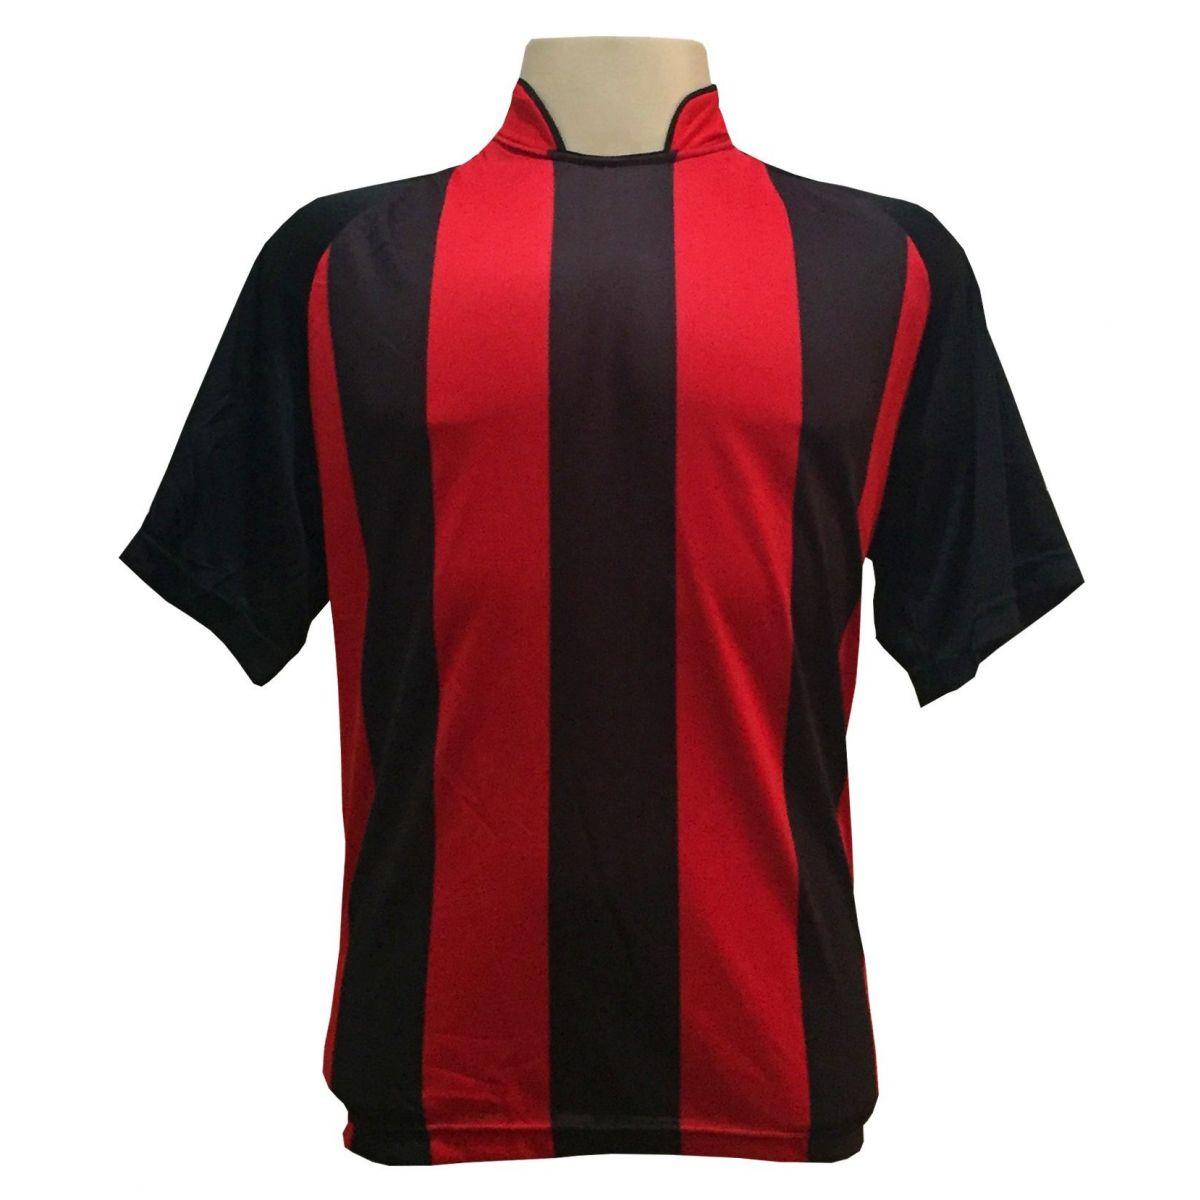 Uniforme Esportivo com 18 Camisas modelo Milan Preto/Vermelho + 18 Calções modelo Madrid Preto